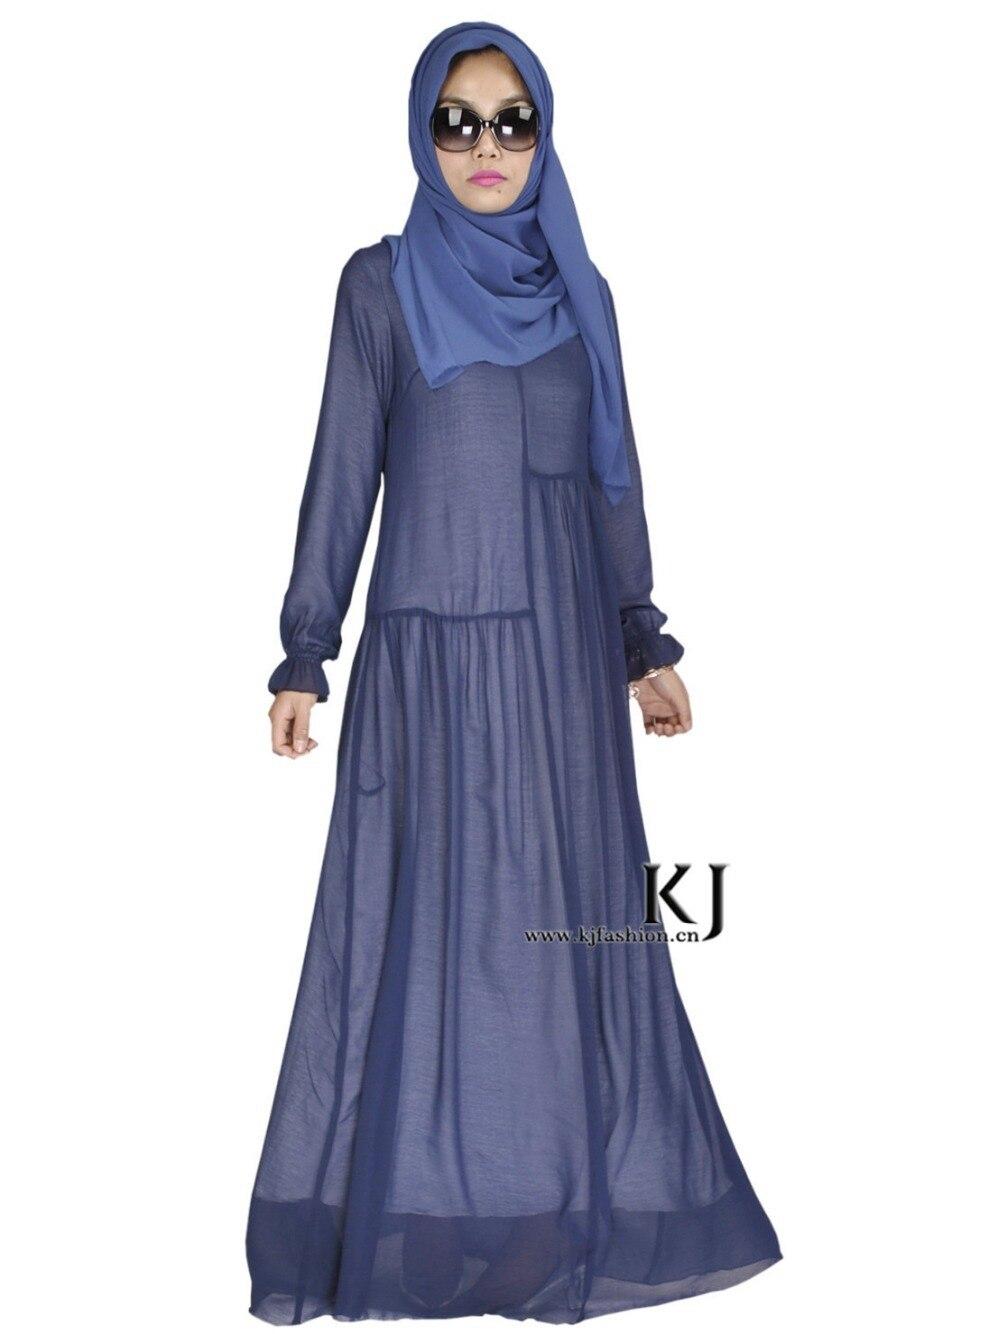 2015 musulman à manches longues robe maxi djellaba qualité supérieure soie dubaï robe Arabe traditionnel vêtements femmes burqa KJ20150307